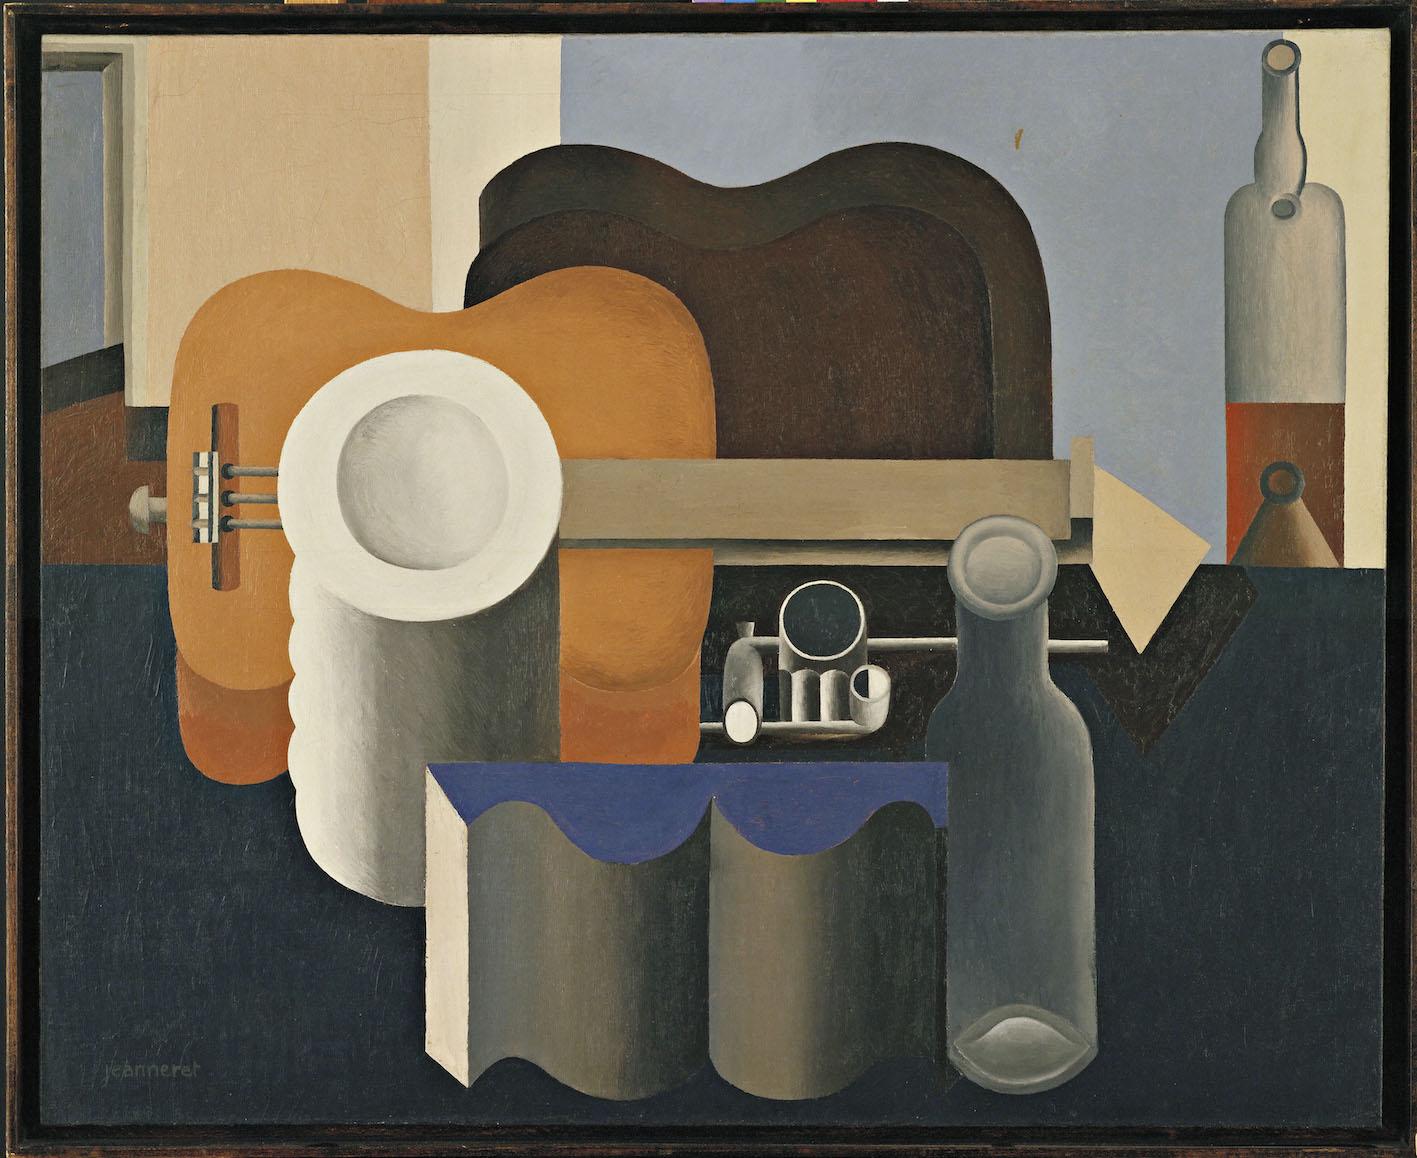 Le Corbusier, Nature morte à la pile d'assiettes et au livre, 1920.